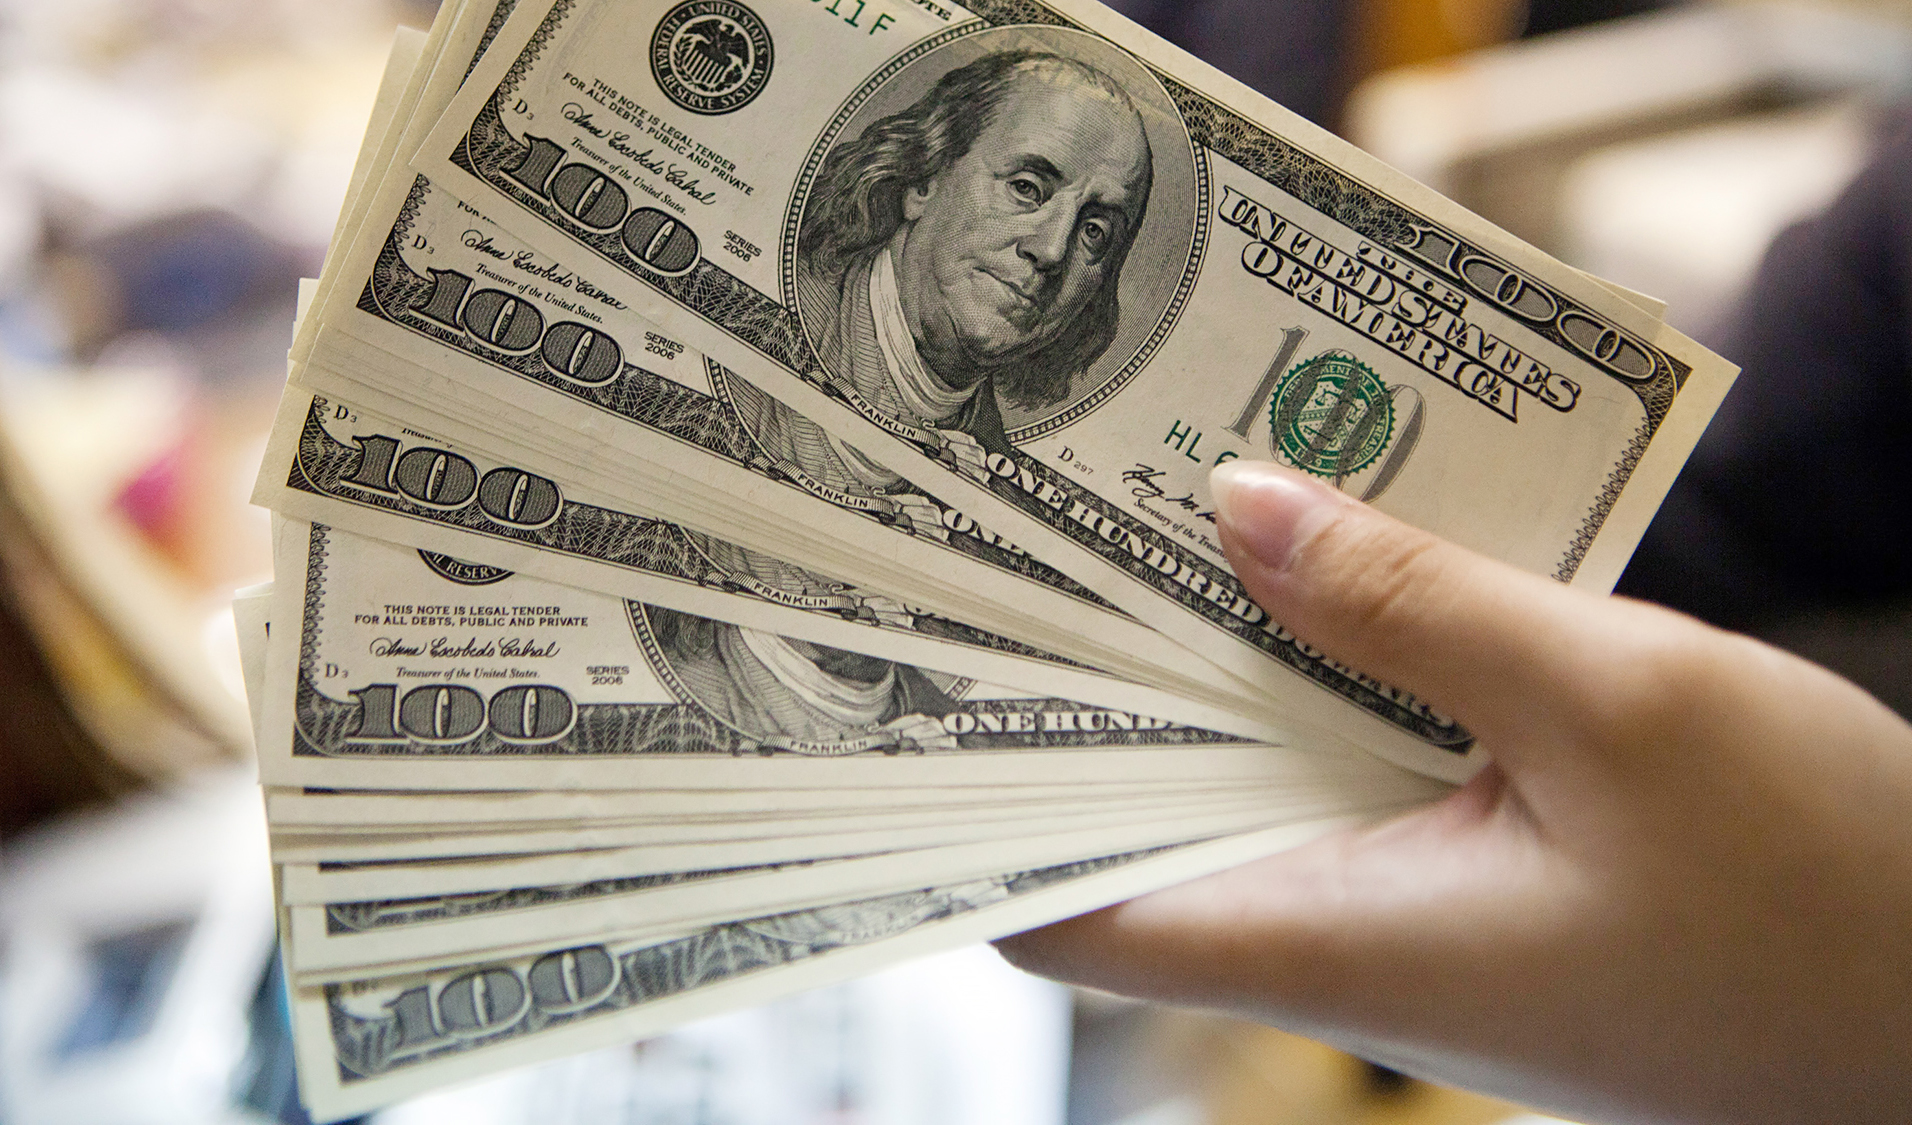 تمهیدات جدید سامانه نیما برای بازگشت ارز از عراق و افغانستان